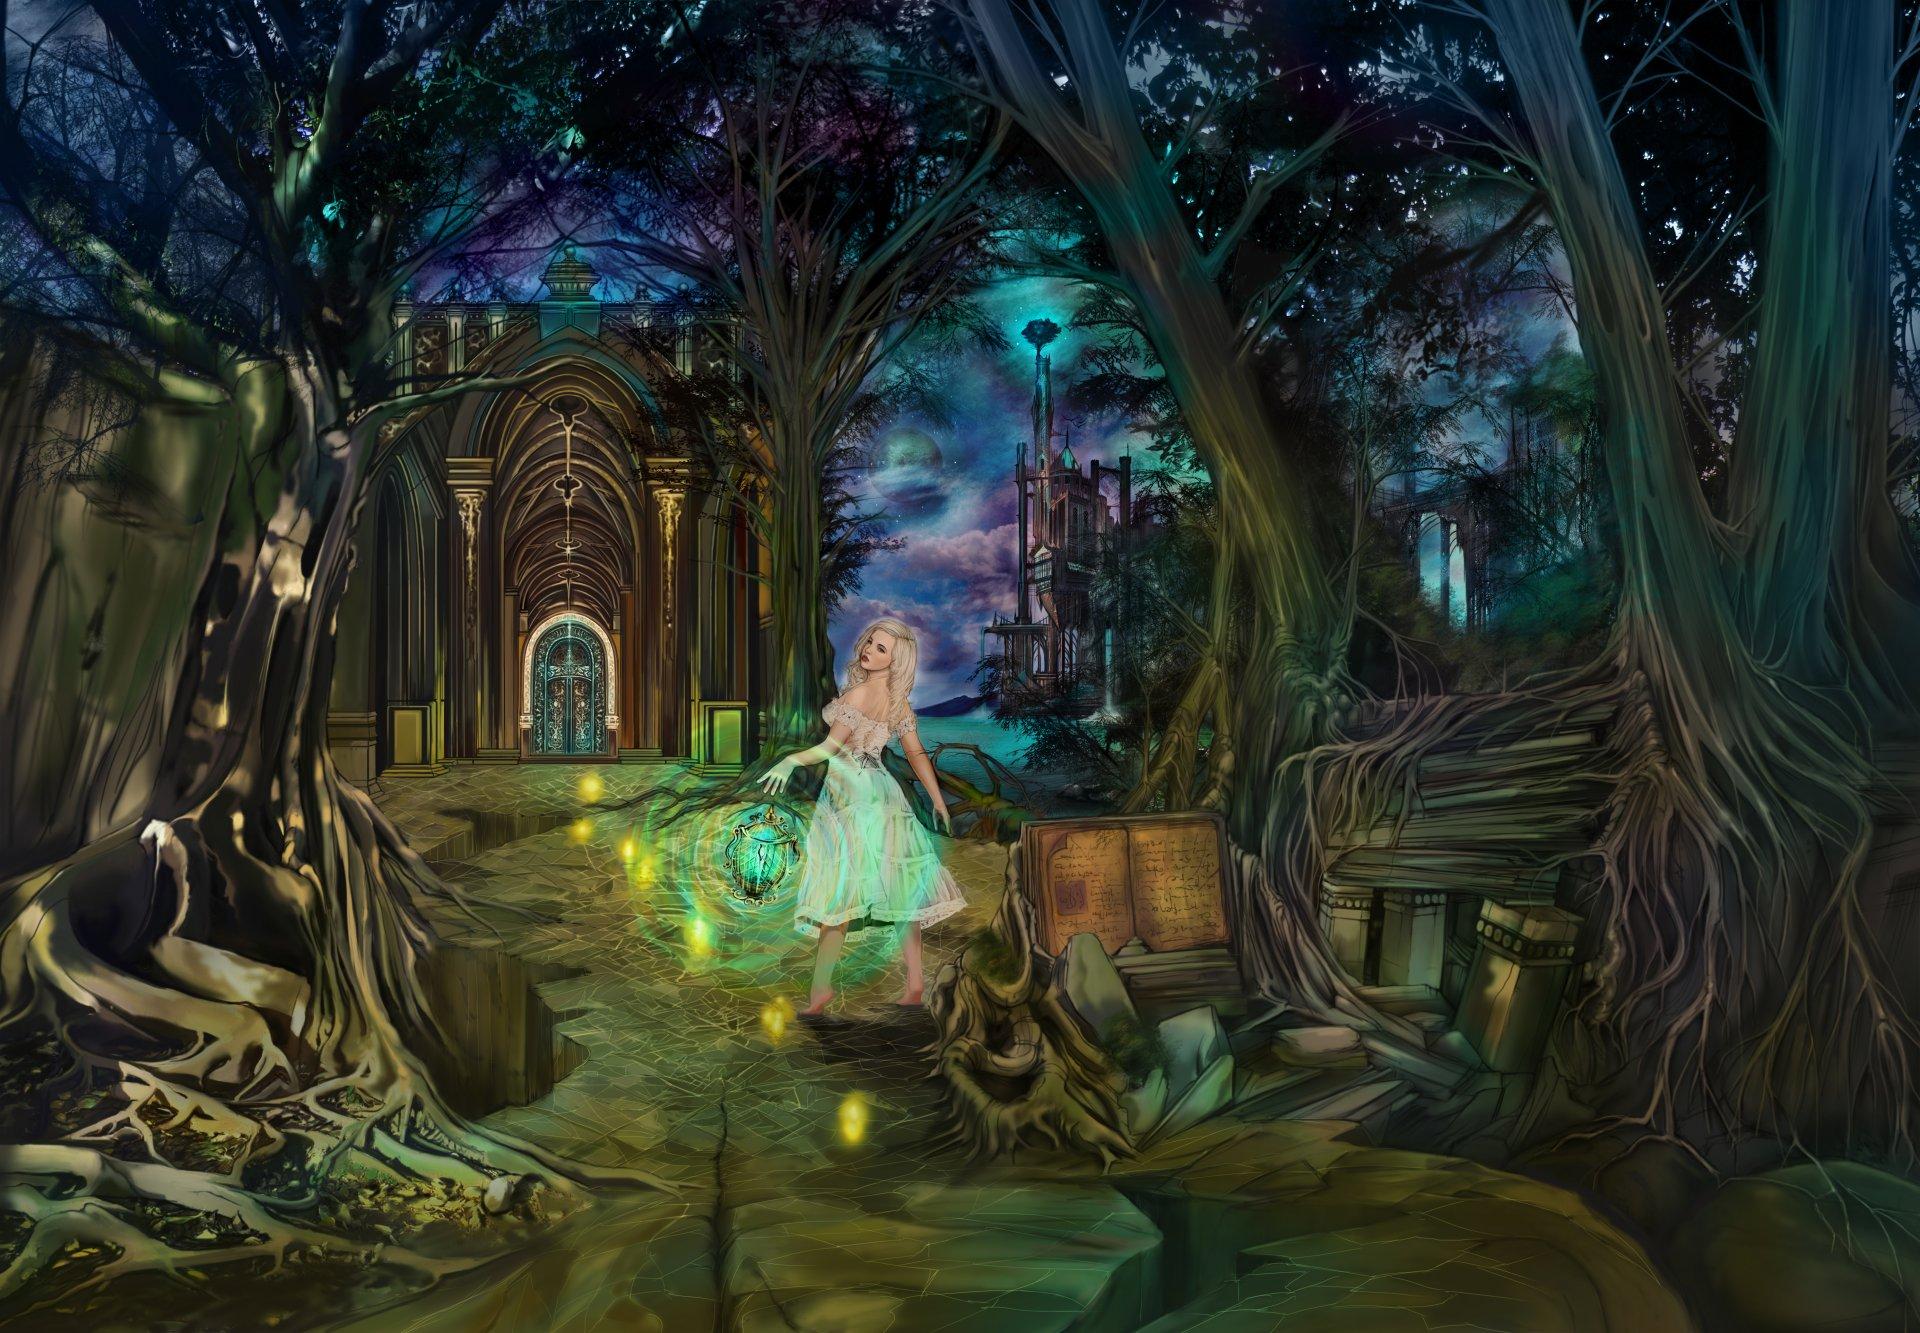 Fairytale fantqsiei ШіЩѓШі smut picture